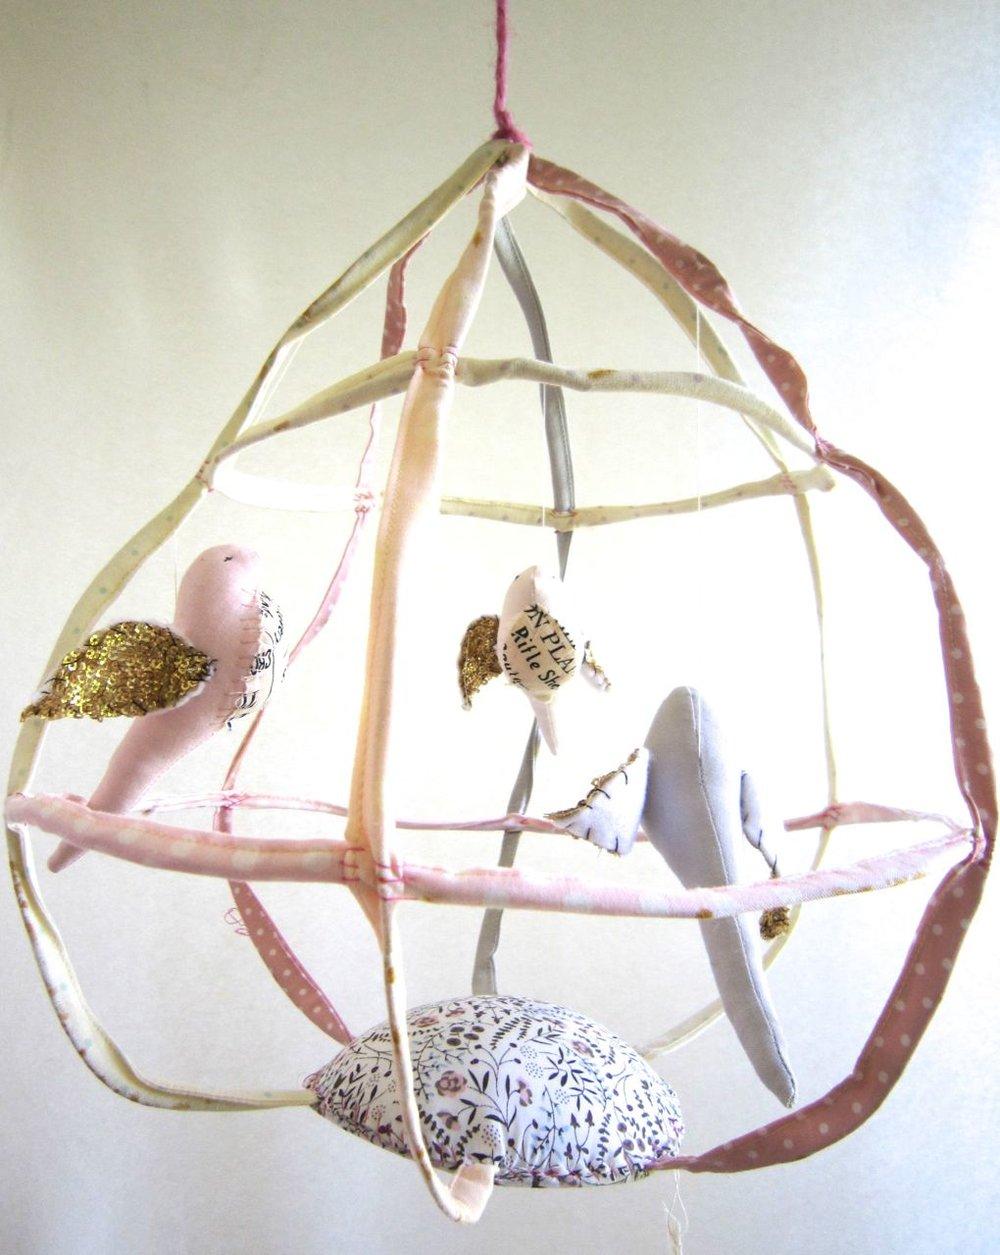 Tamar-Mogendorff-large-birdcage-gold-floral-1.jpg